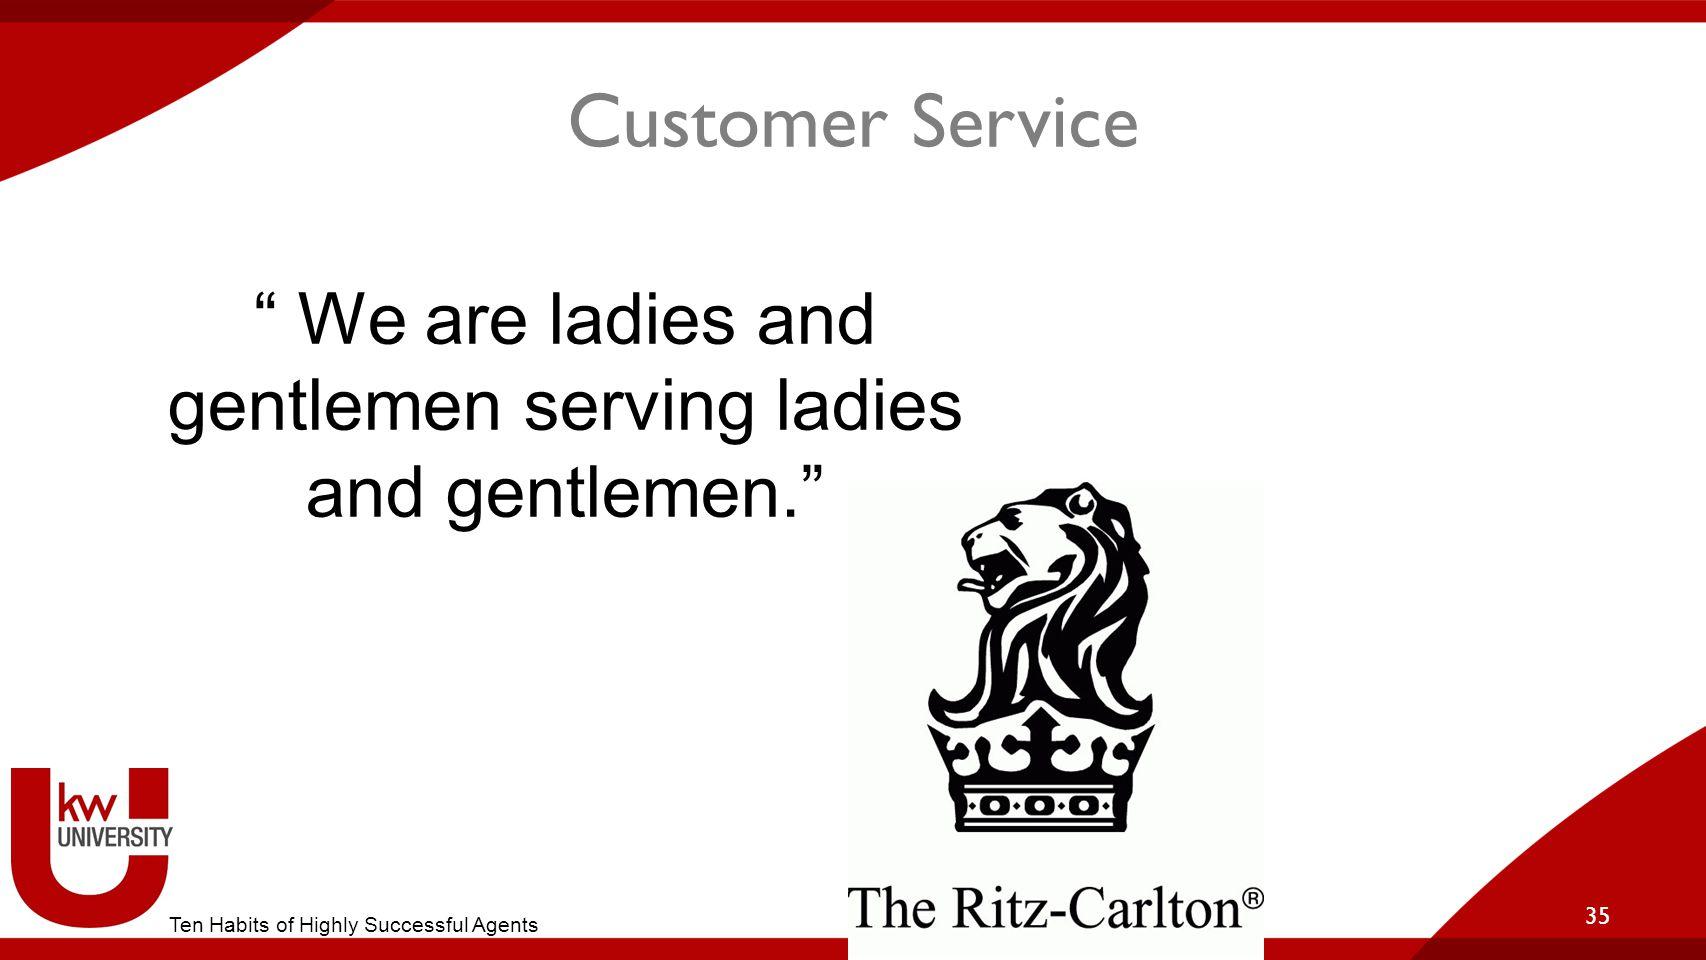 We are ladies and gentlemen serving ladies and gentlemen.